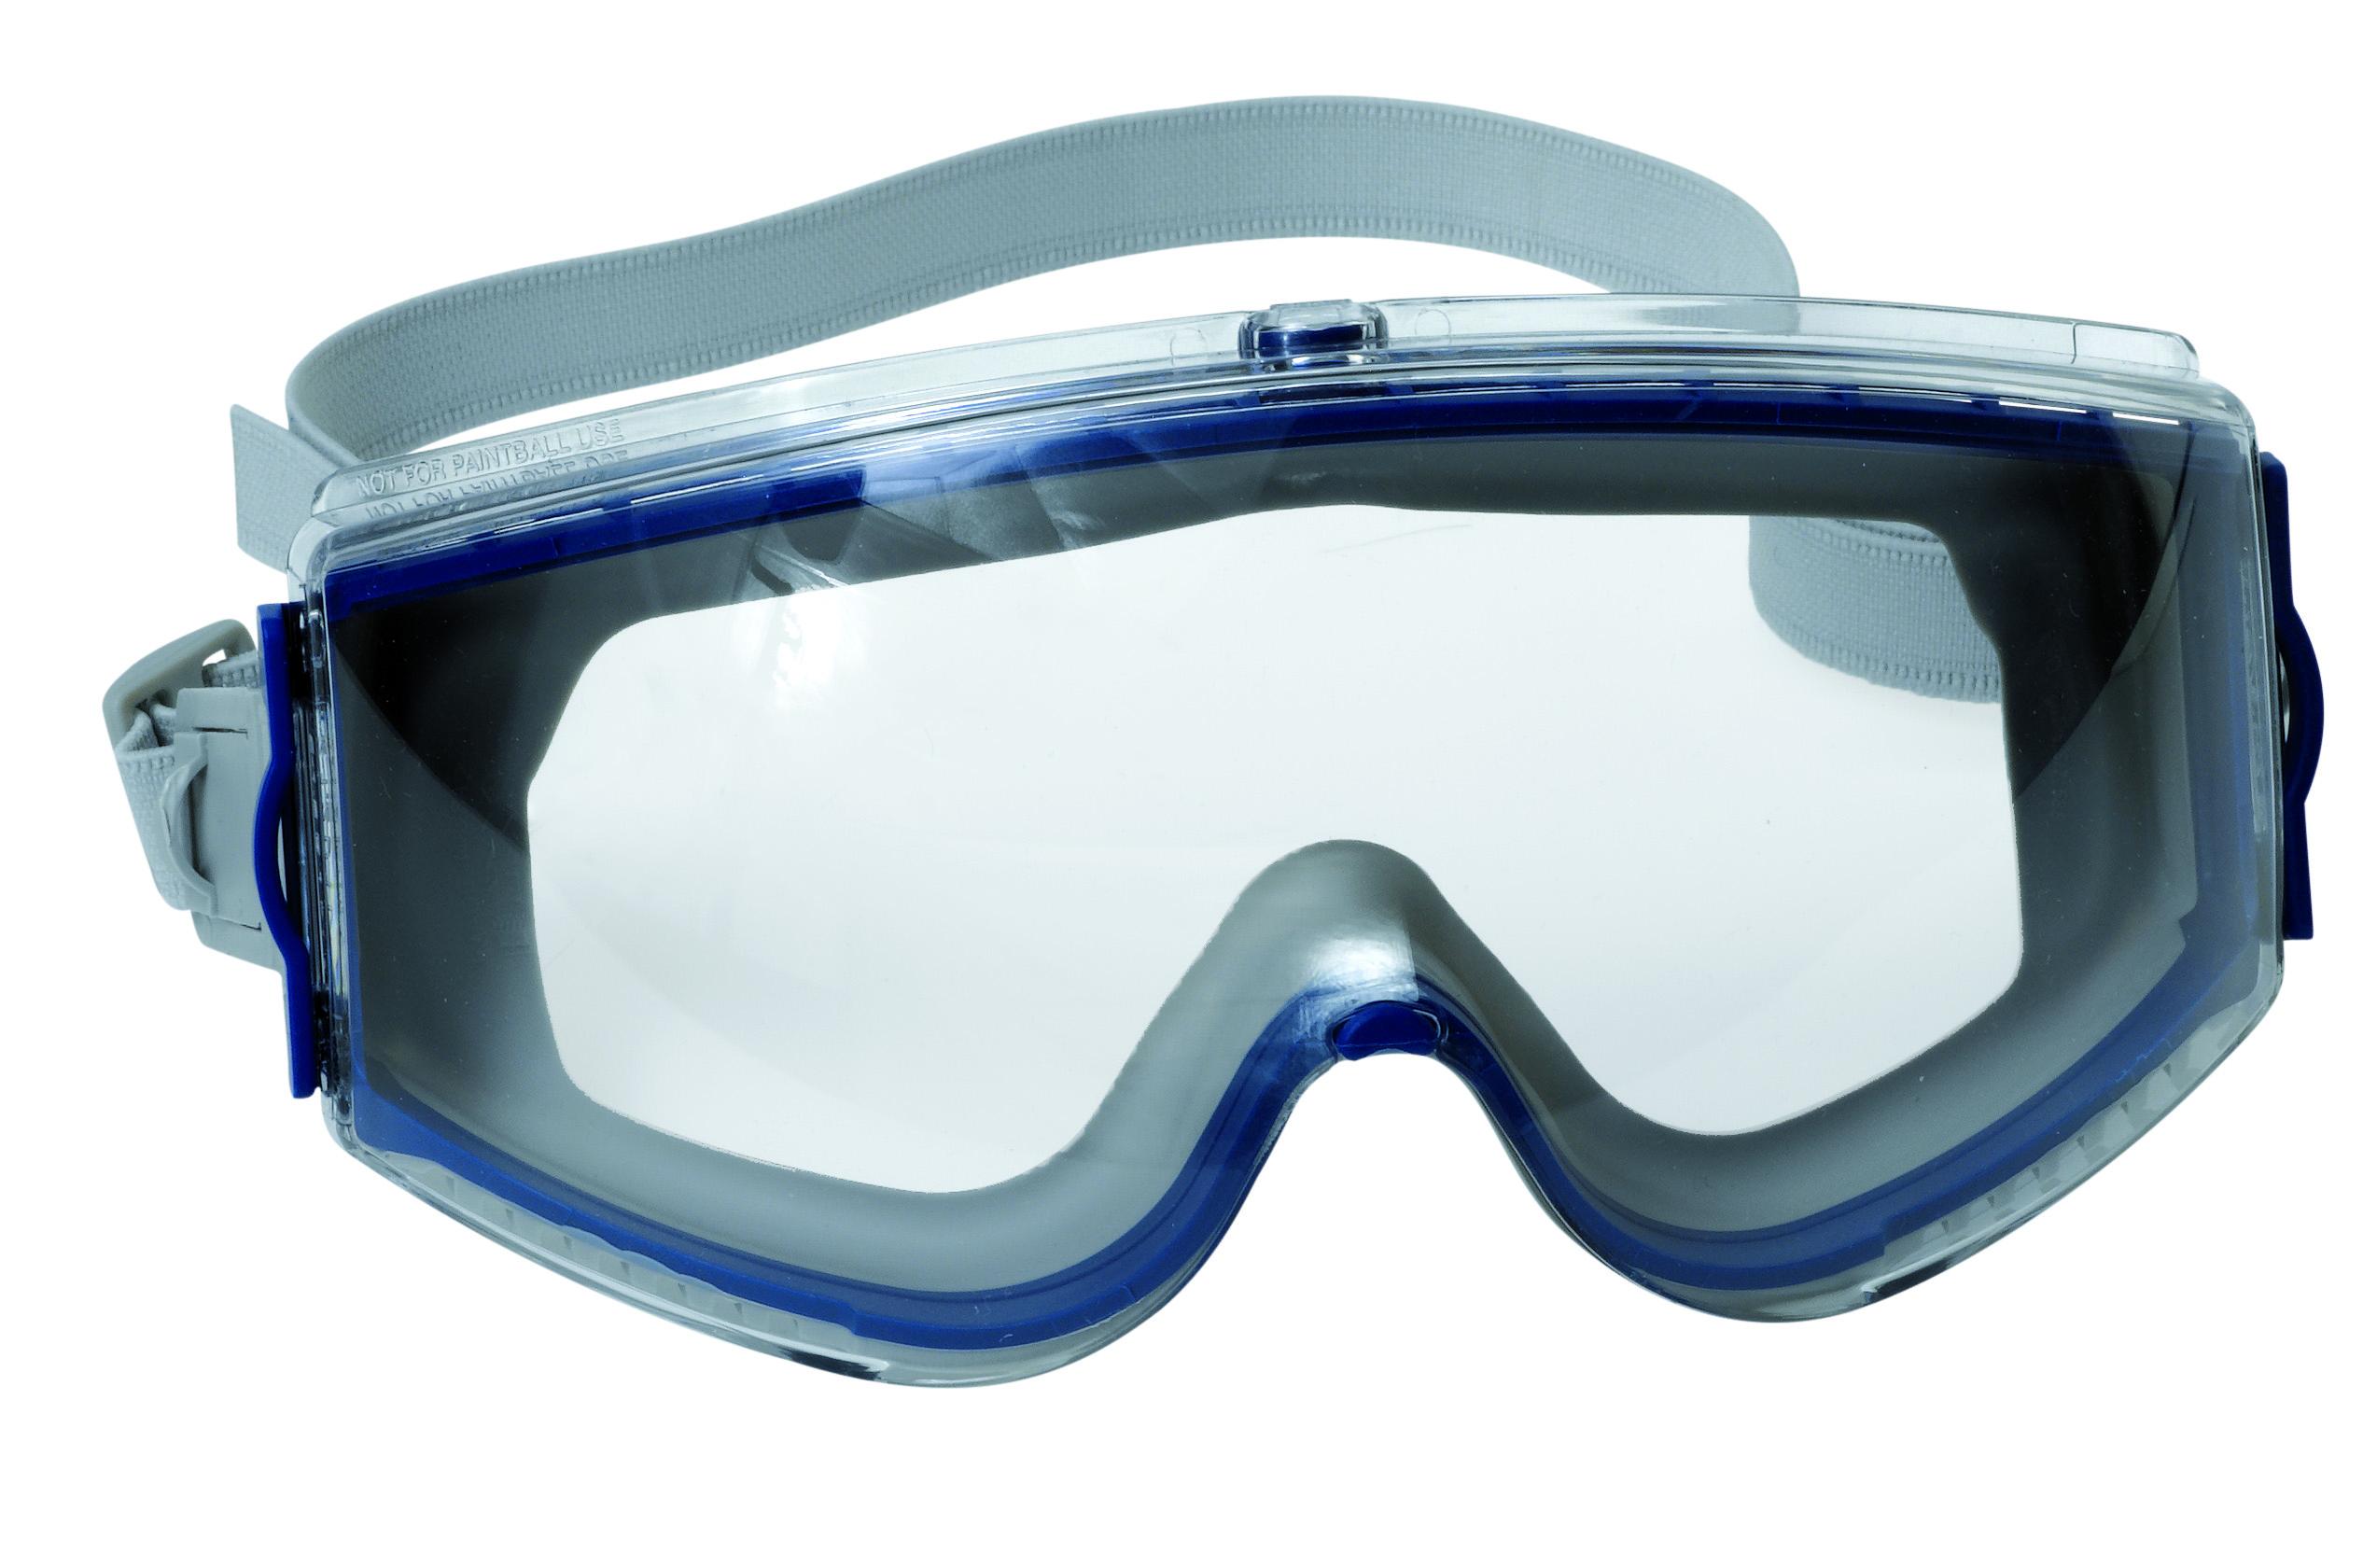 Schutzbrille Maxx Pro